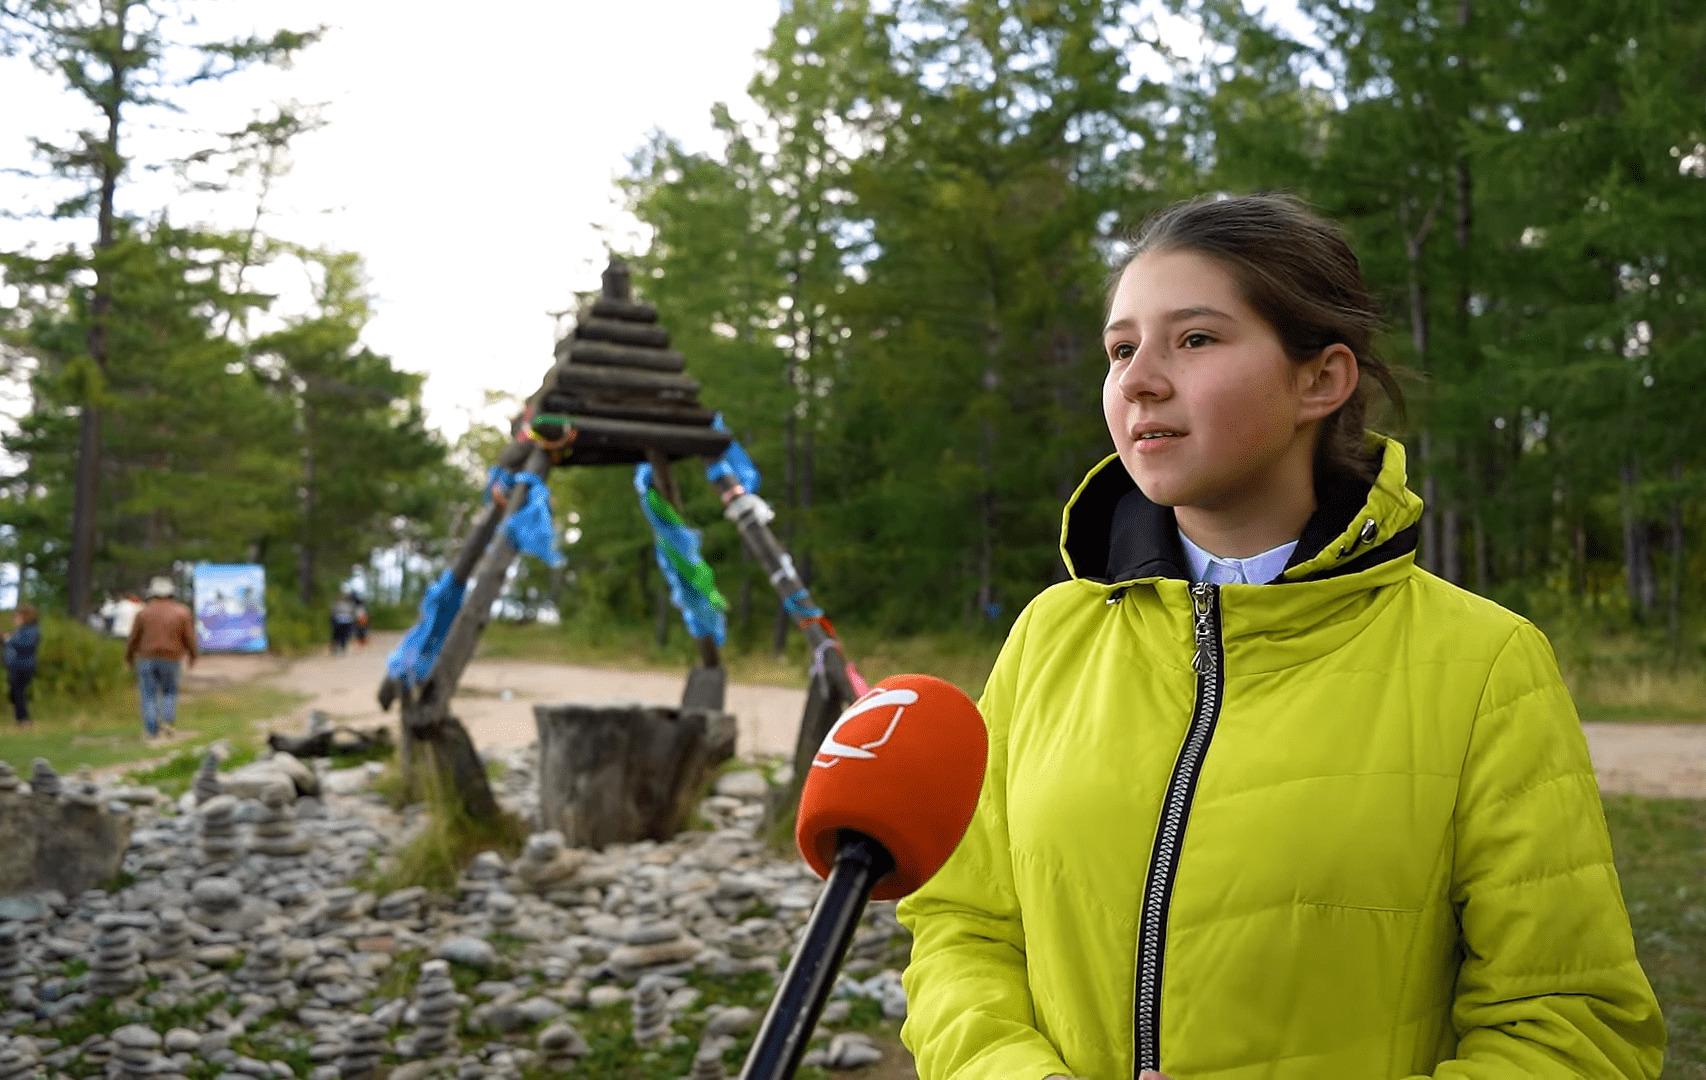 Образовательная экспедиция СОТ в Республику Бурятия: интервью с ученицей туркинской школы о Байкале